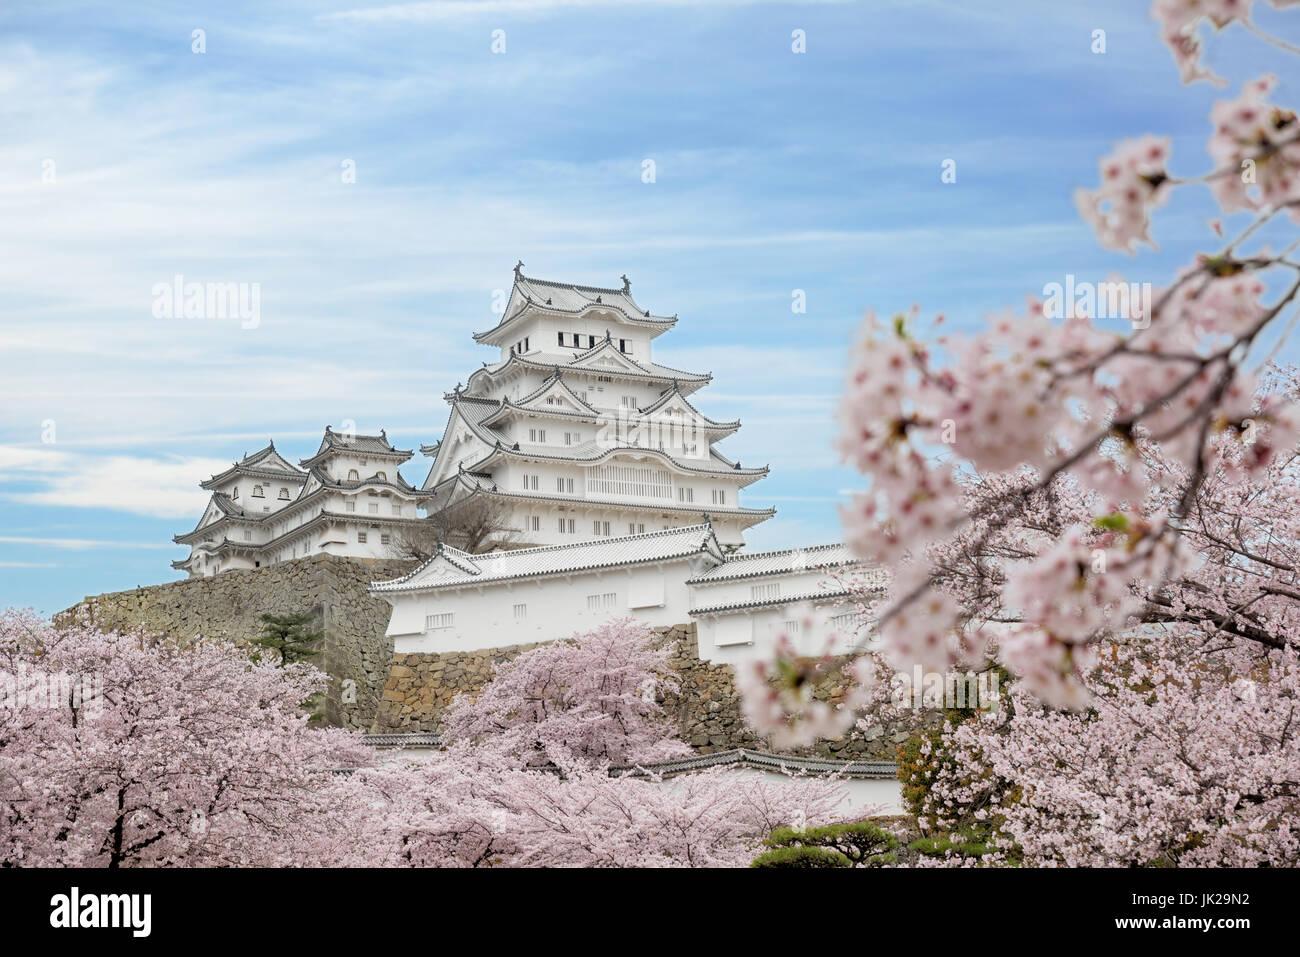 Fiore di Ciliegio fiori e il castello di Himeji Himeji, Hyogo, Giappone Immagini Stock